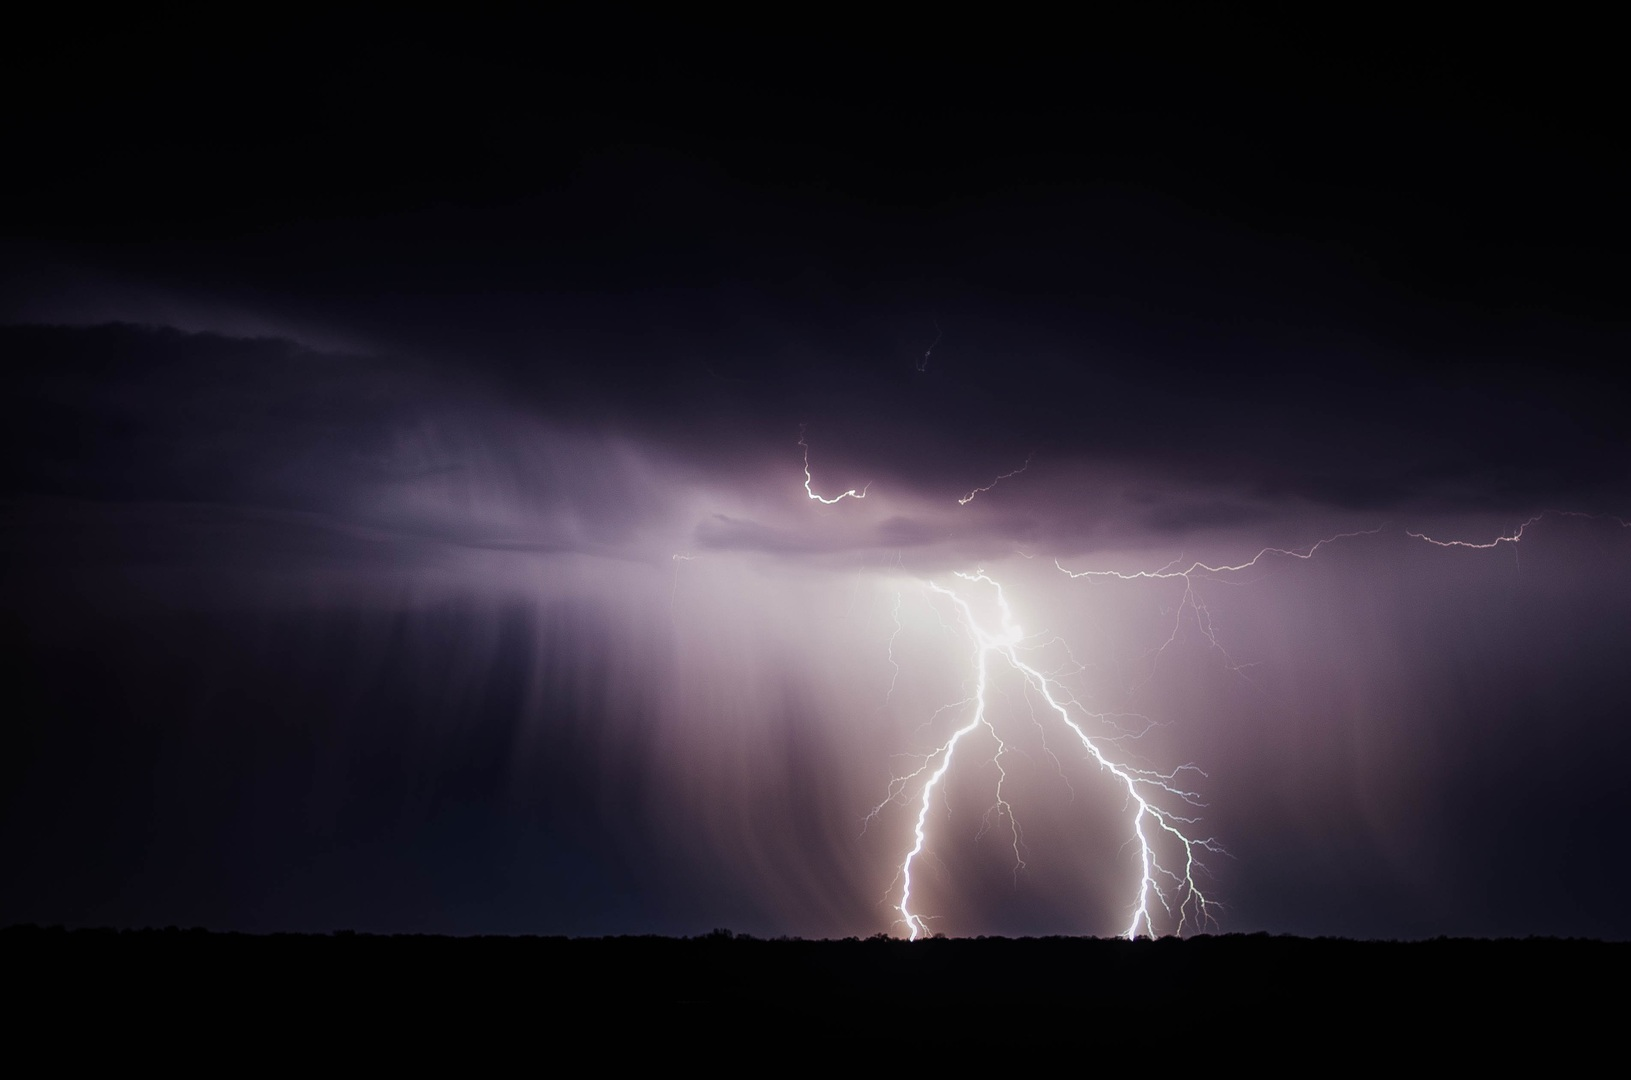 Los Ángeles: ¿Tormenta eléctrica? Conoce el pronóstico del tiempo para hoy